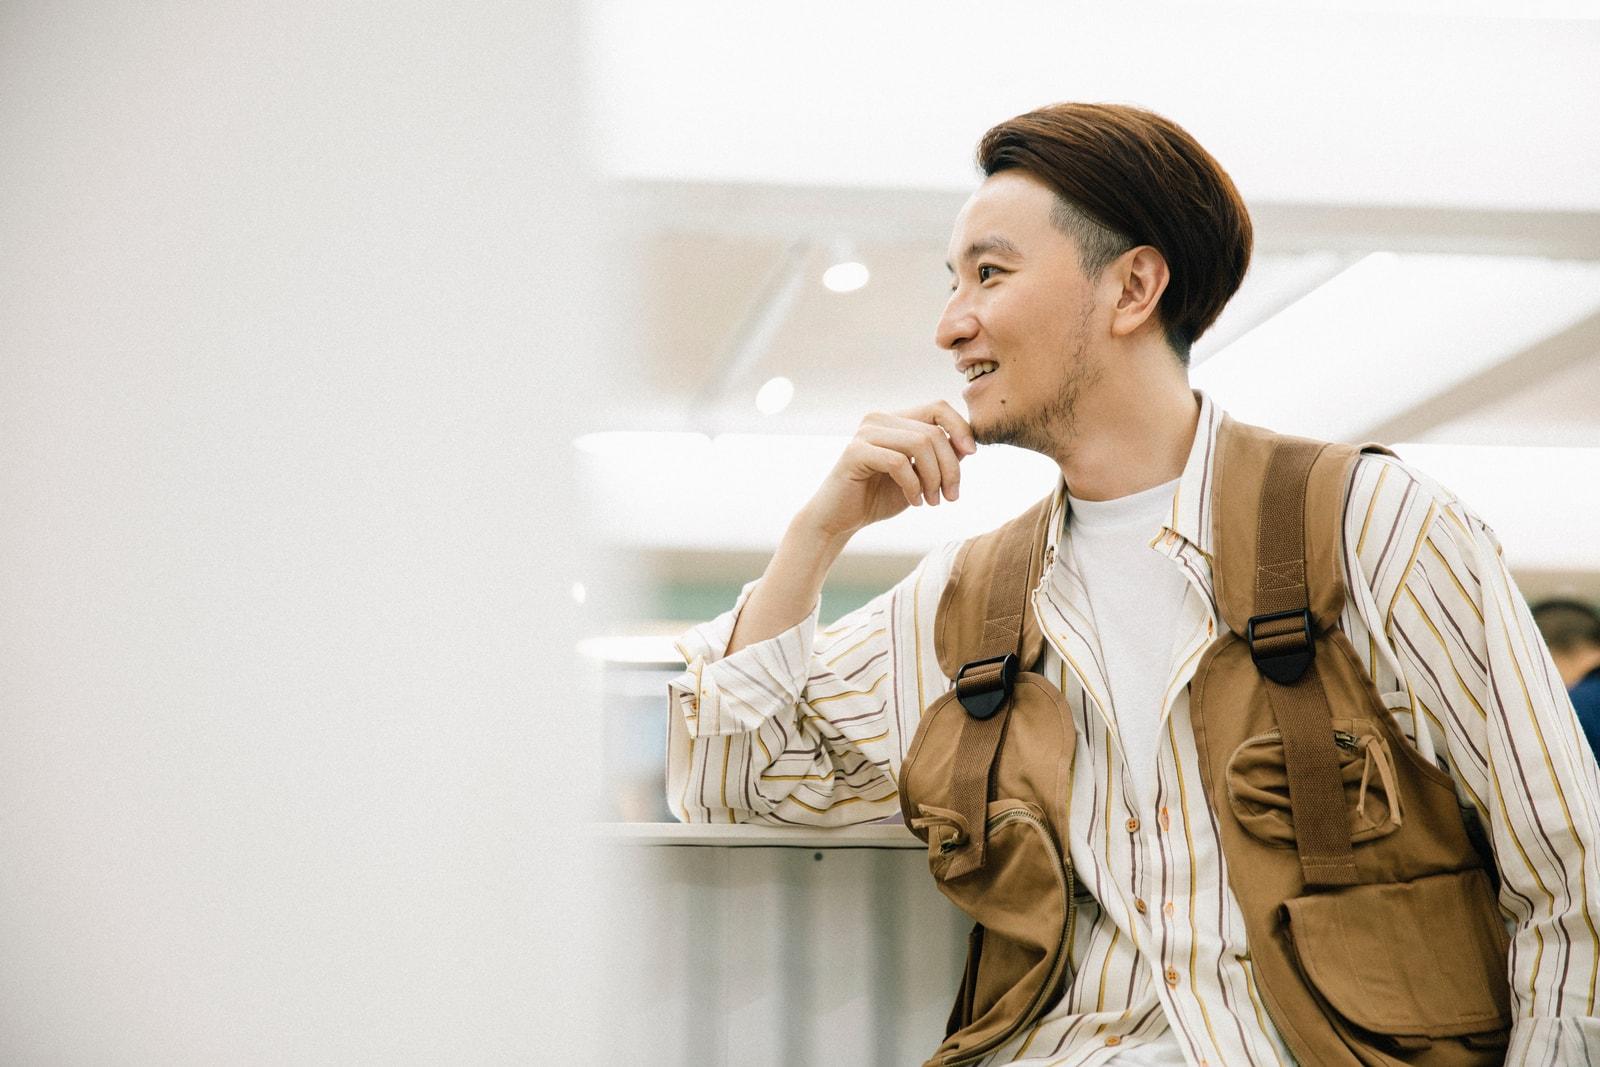 打破刻板印象 - HYPEBEAST 邀請 5 組業內人士談論「LGBT 與時尚間的微妙關係」